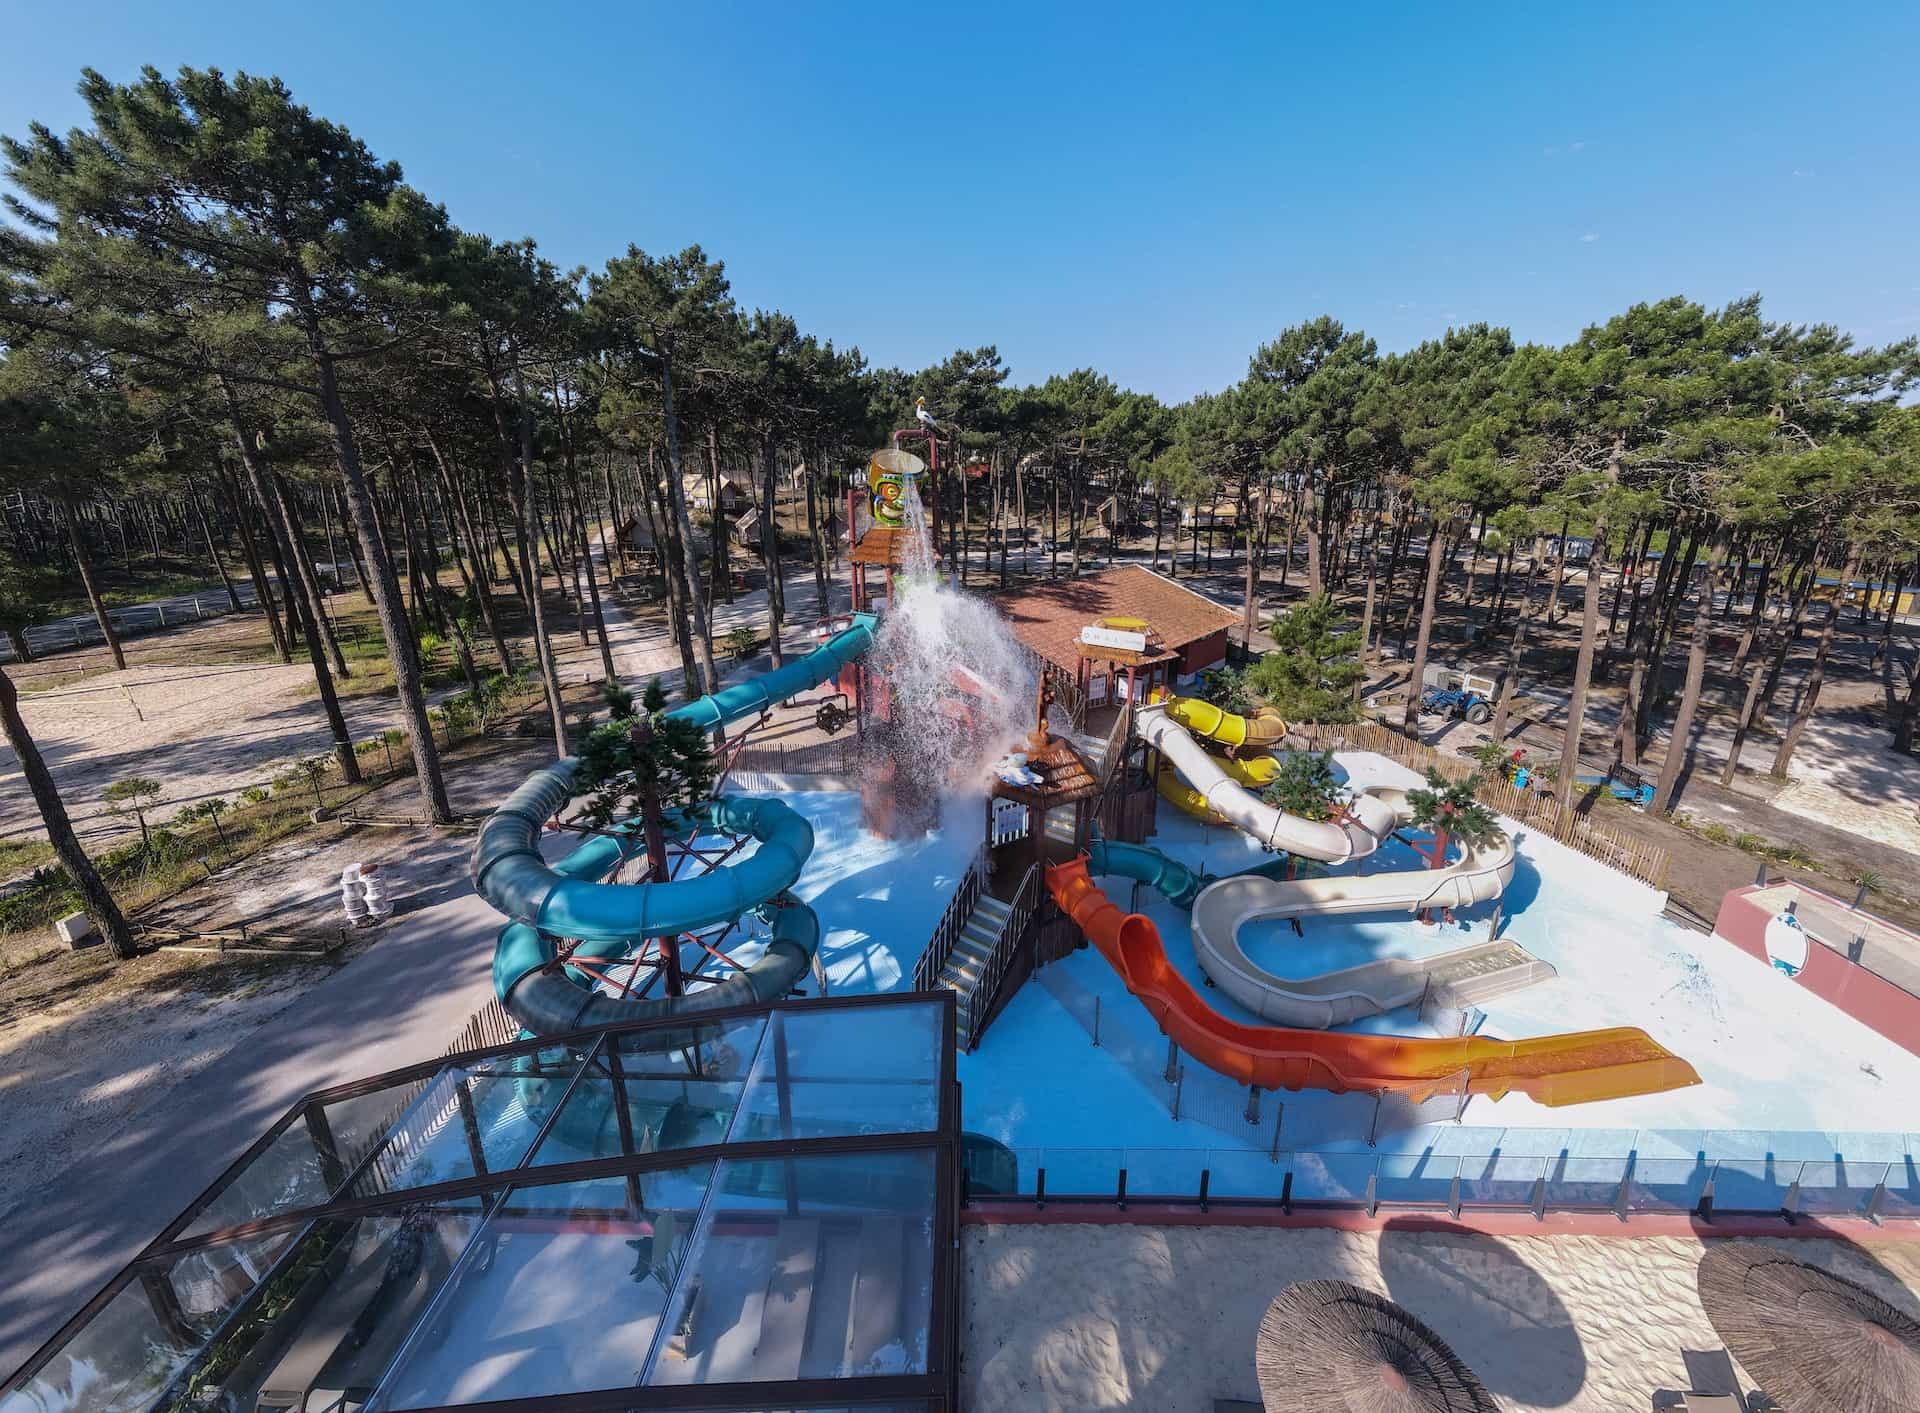 Ohai Nazaré reabre con grandes novedades y avalado por el sello Clean & Safe de Turismo de Portugal